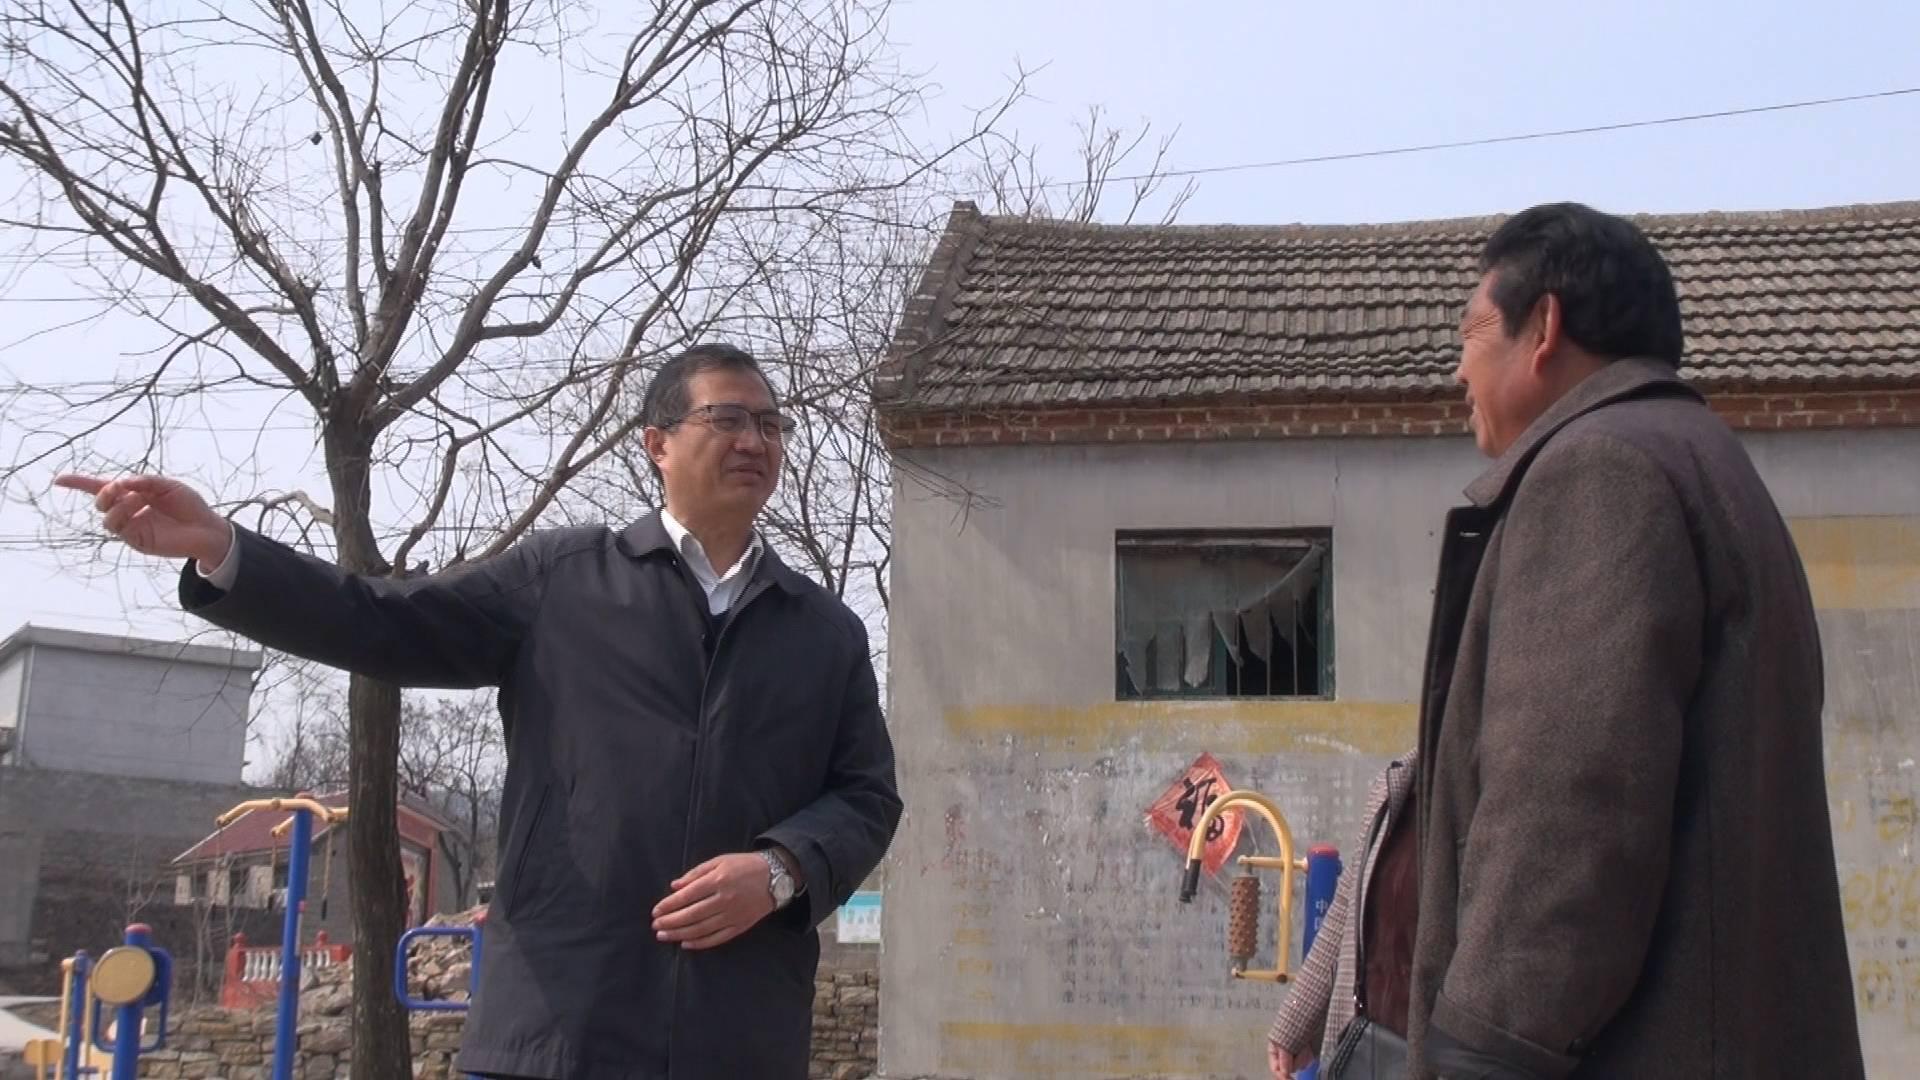 枣庄山亭彭庄村第一书记曲国强 扶贫两年成效显 集体收入翻五番